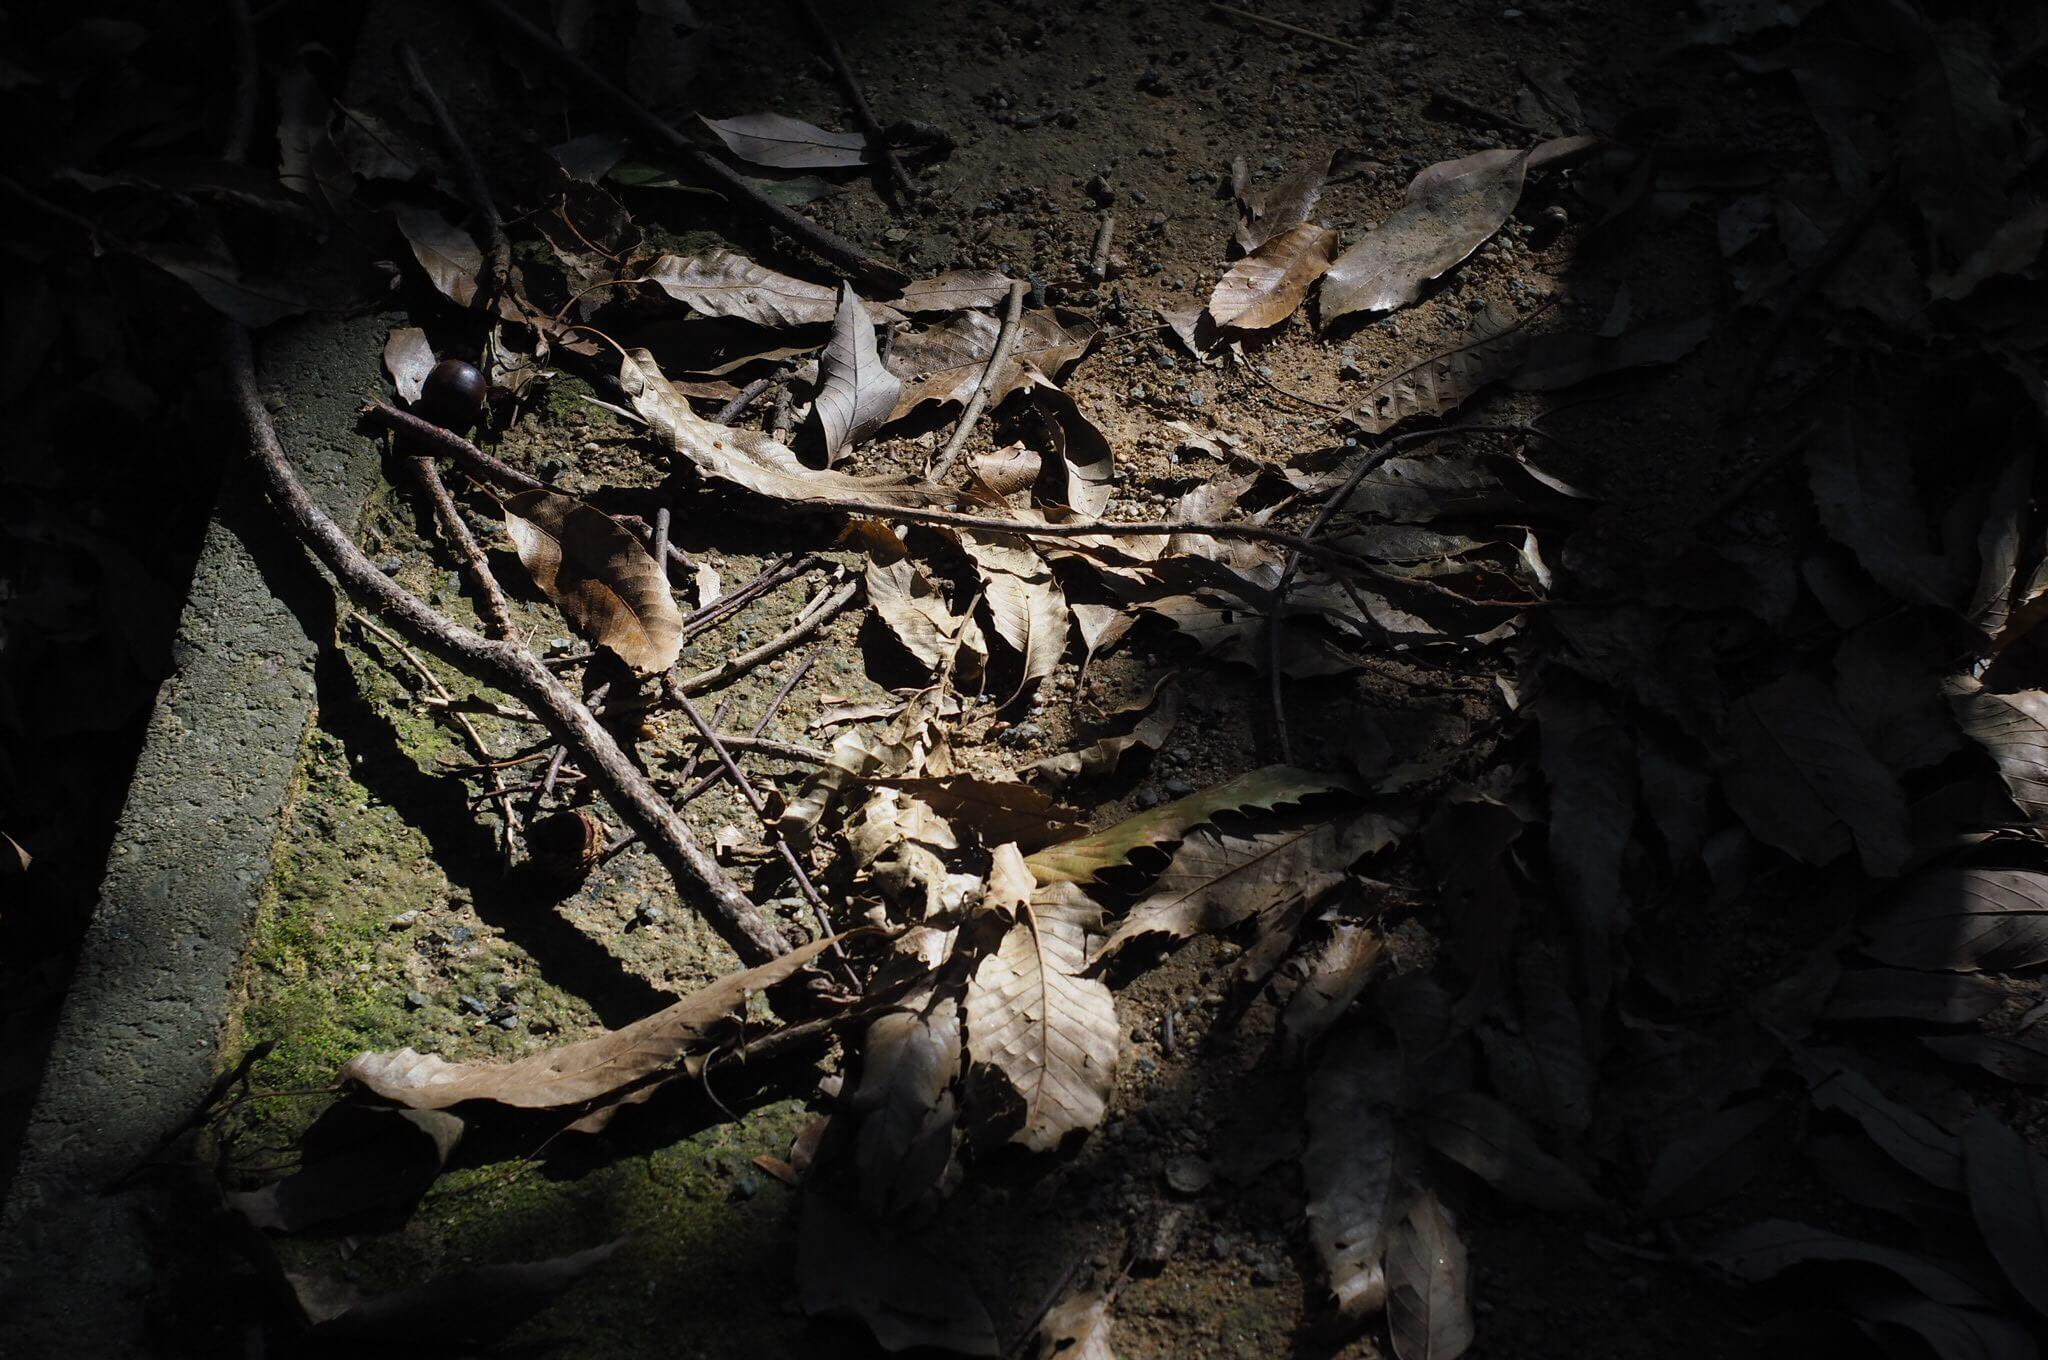 ミラーレスPEN-FにElmar M 50/3.5をつけて、秋の小道を撮り歩いてみた。